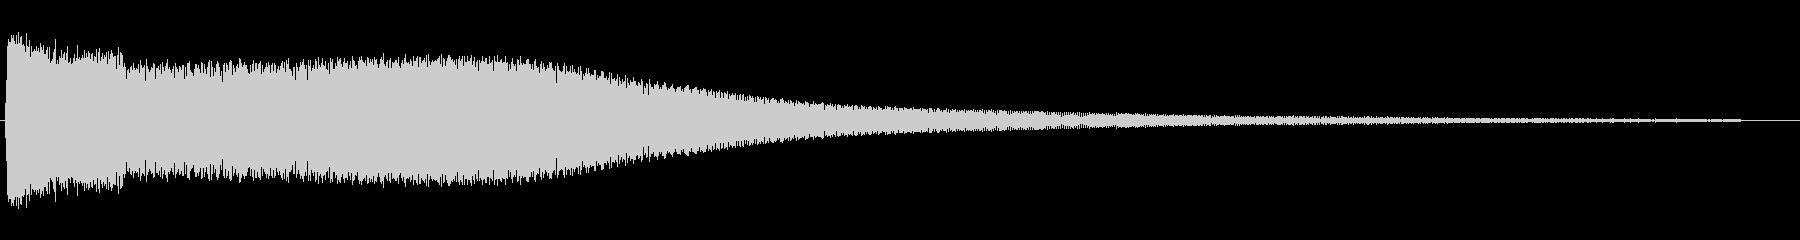 チンキューン(残念なとき)の未再生の波形